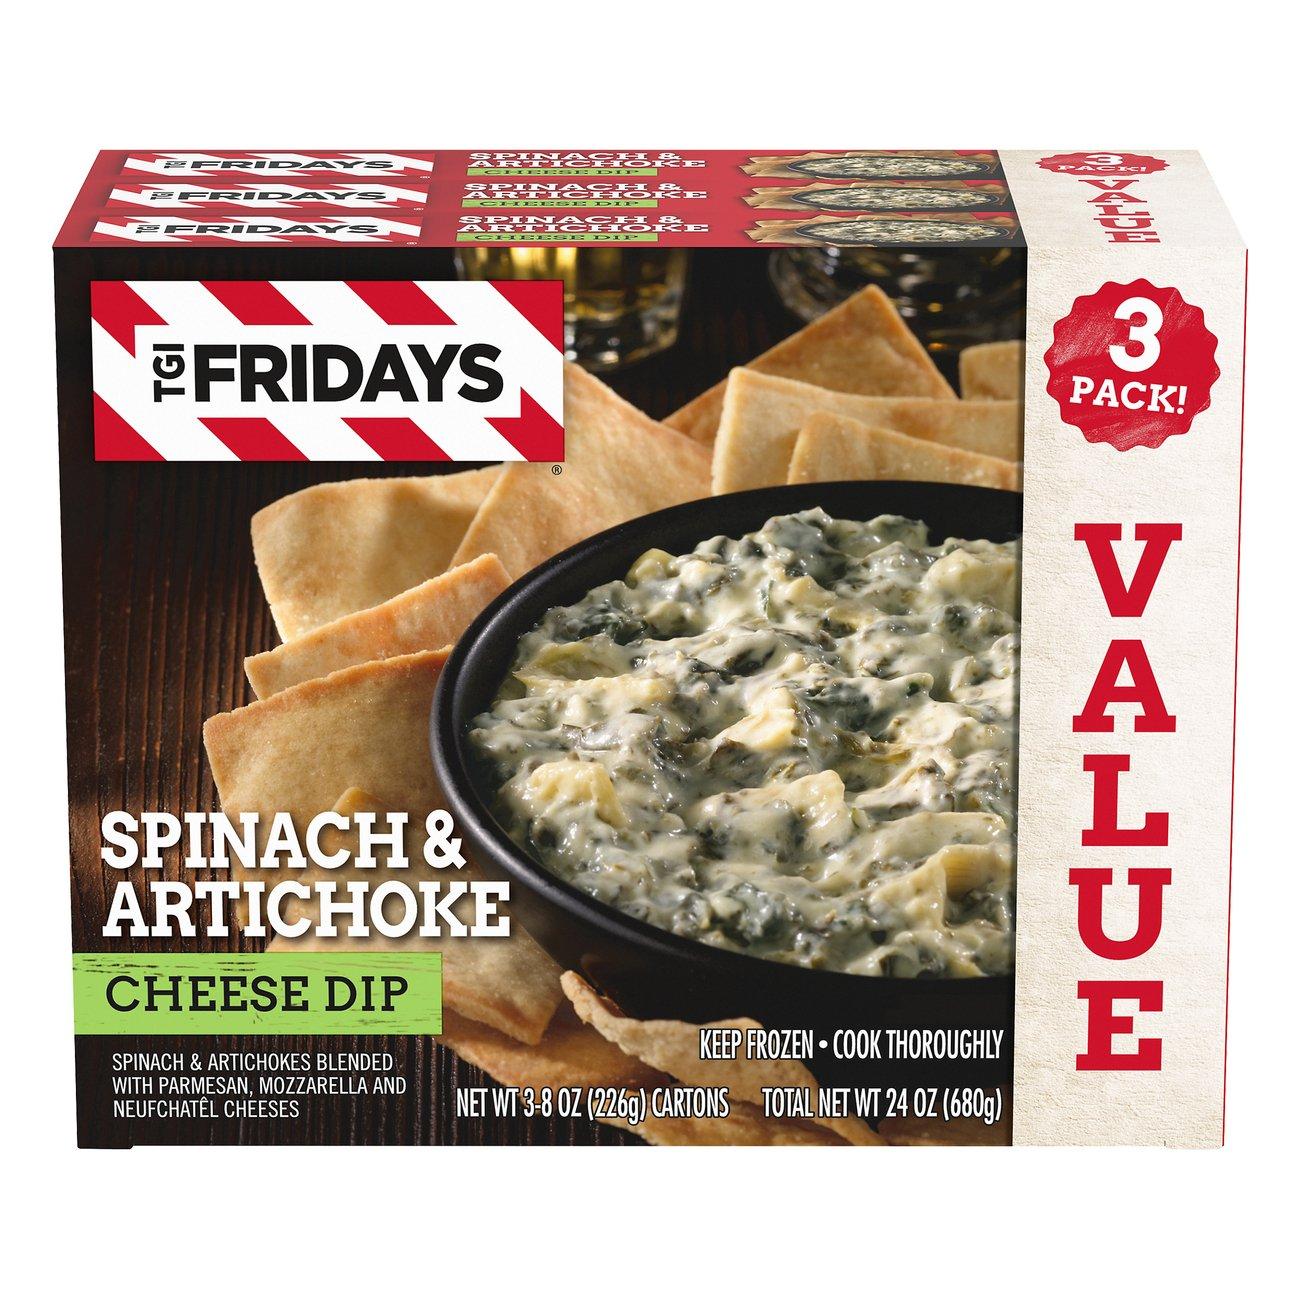 Tgi Fridays Spinach And Artichoke Cheese Dip Shop Salsa Dip At H E B